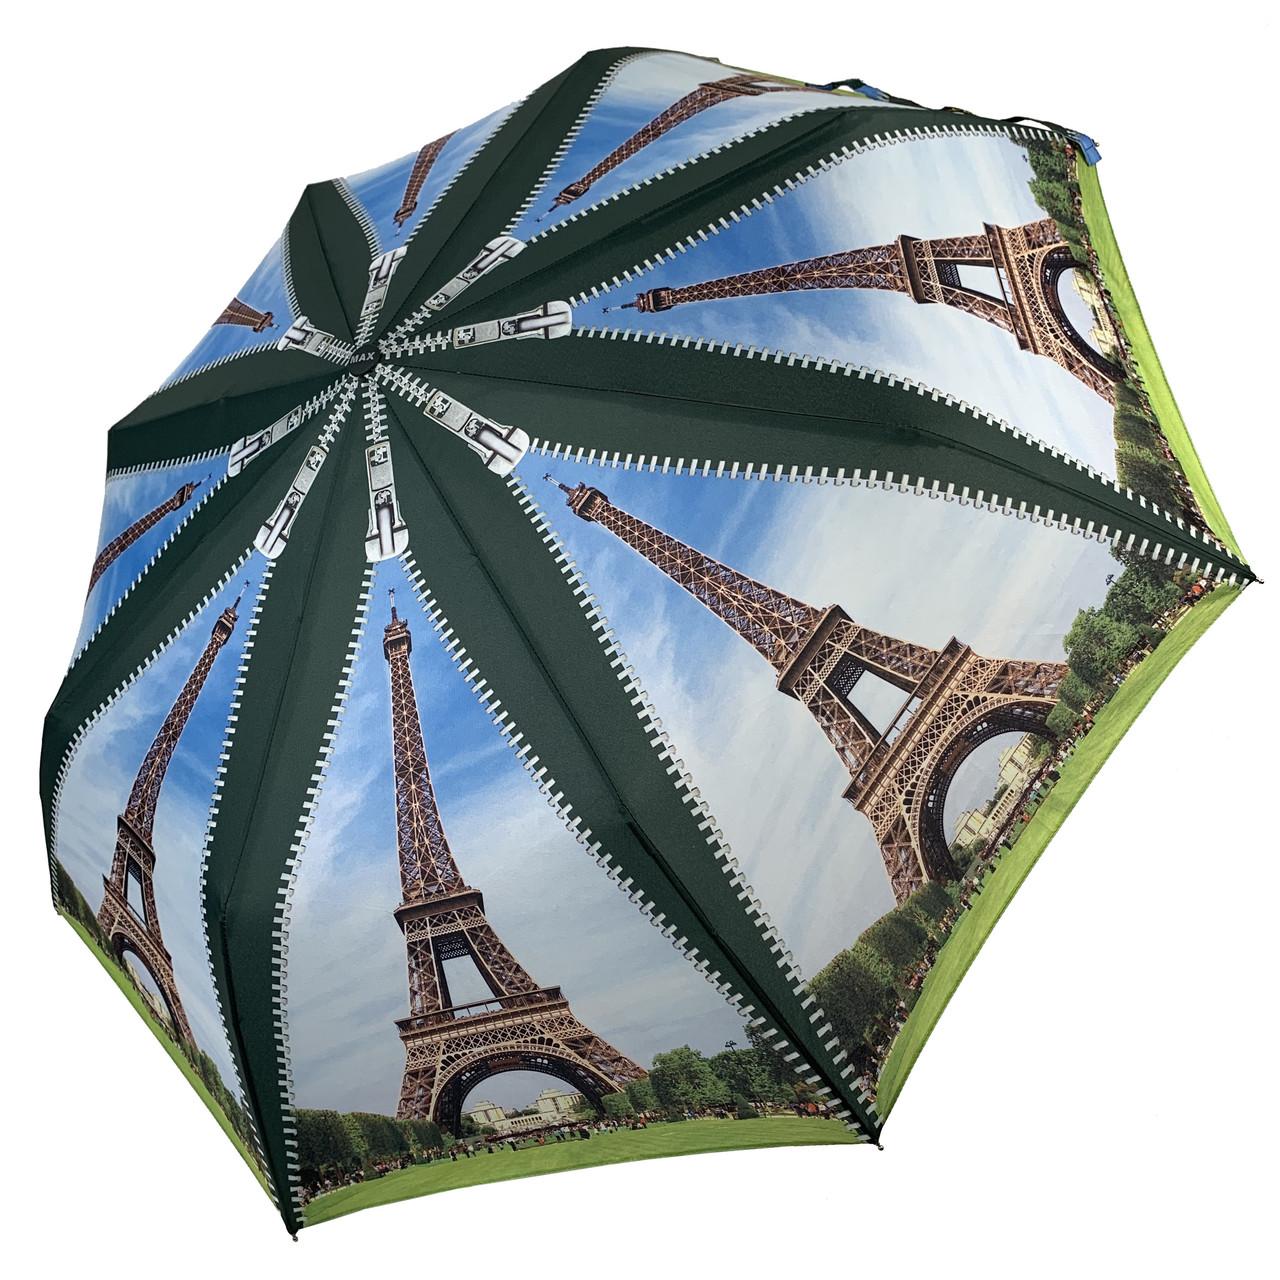 Женский складной зонт-полуавтомат с облегченным каркасом и Эйфелевой башней от Max, зеленая ручка, 314-4